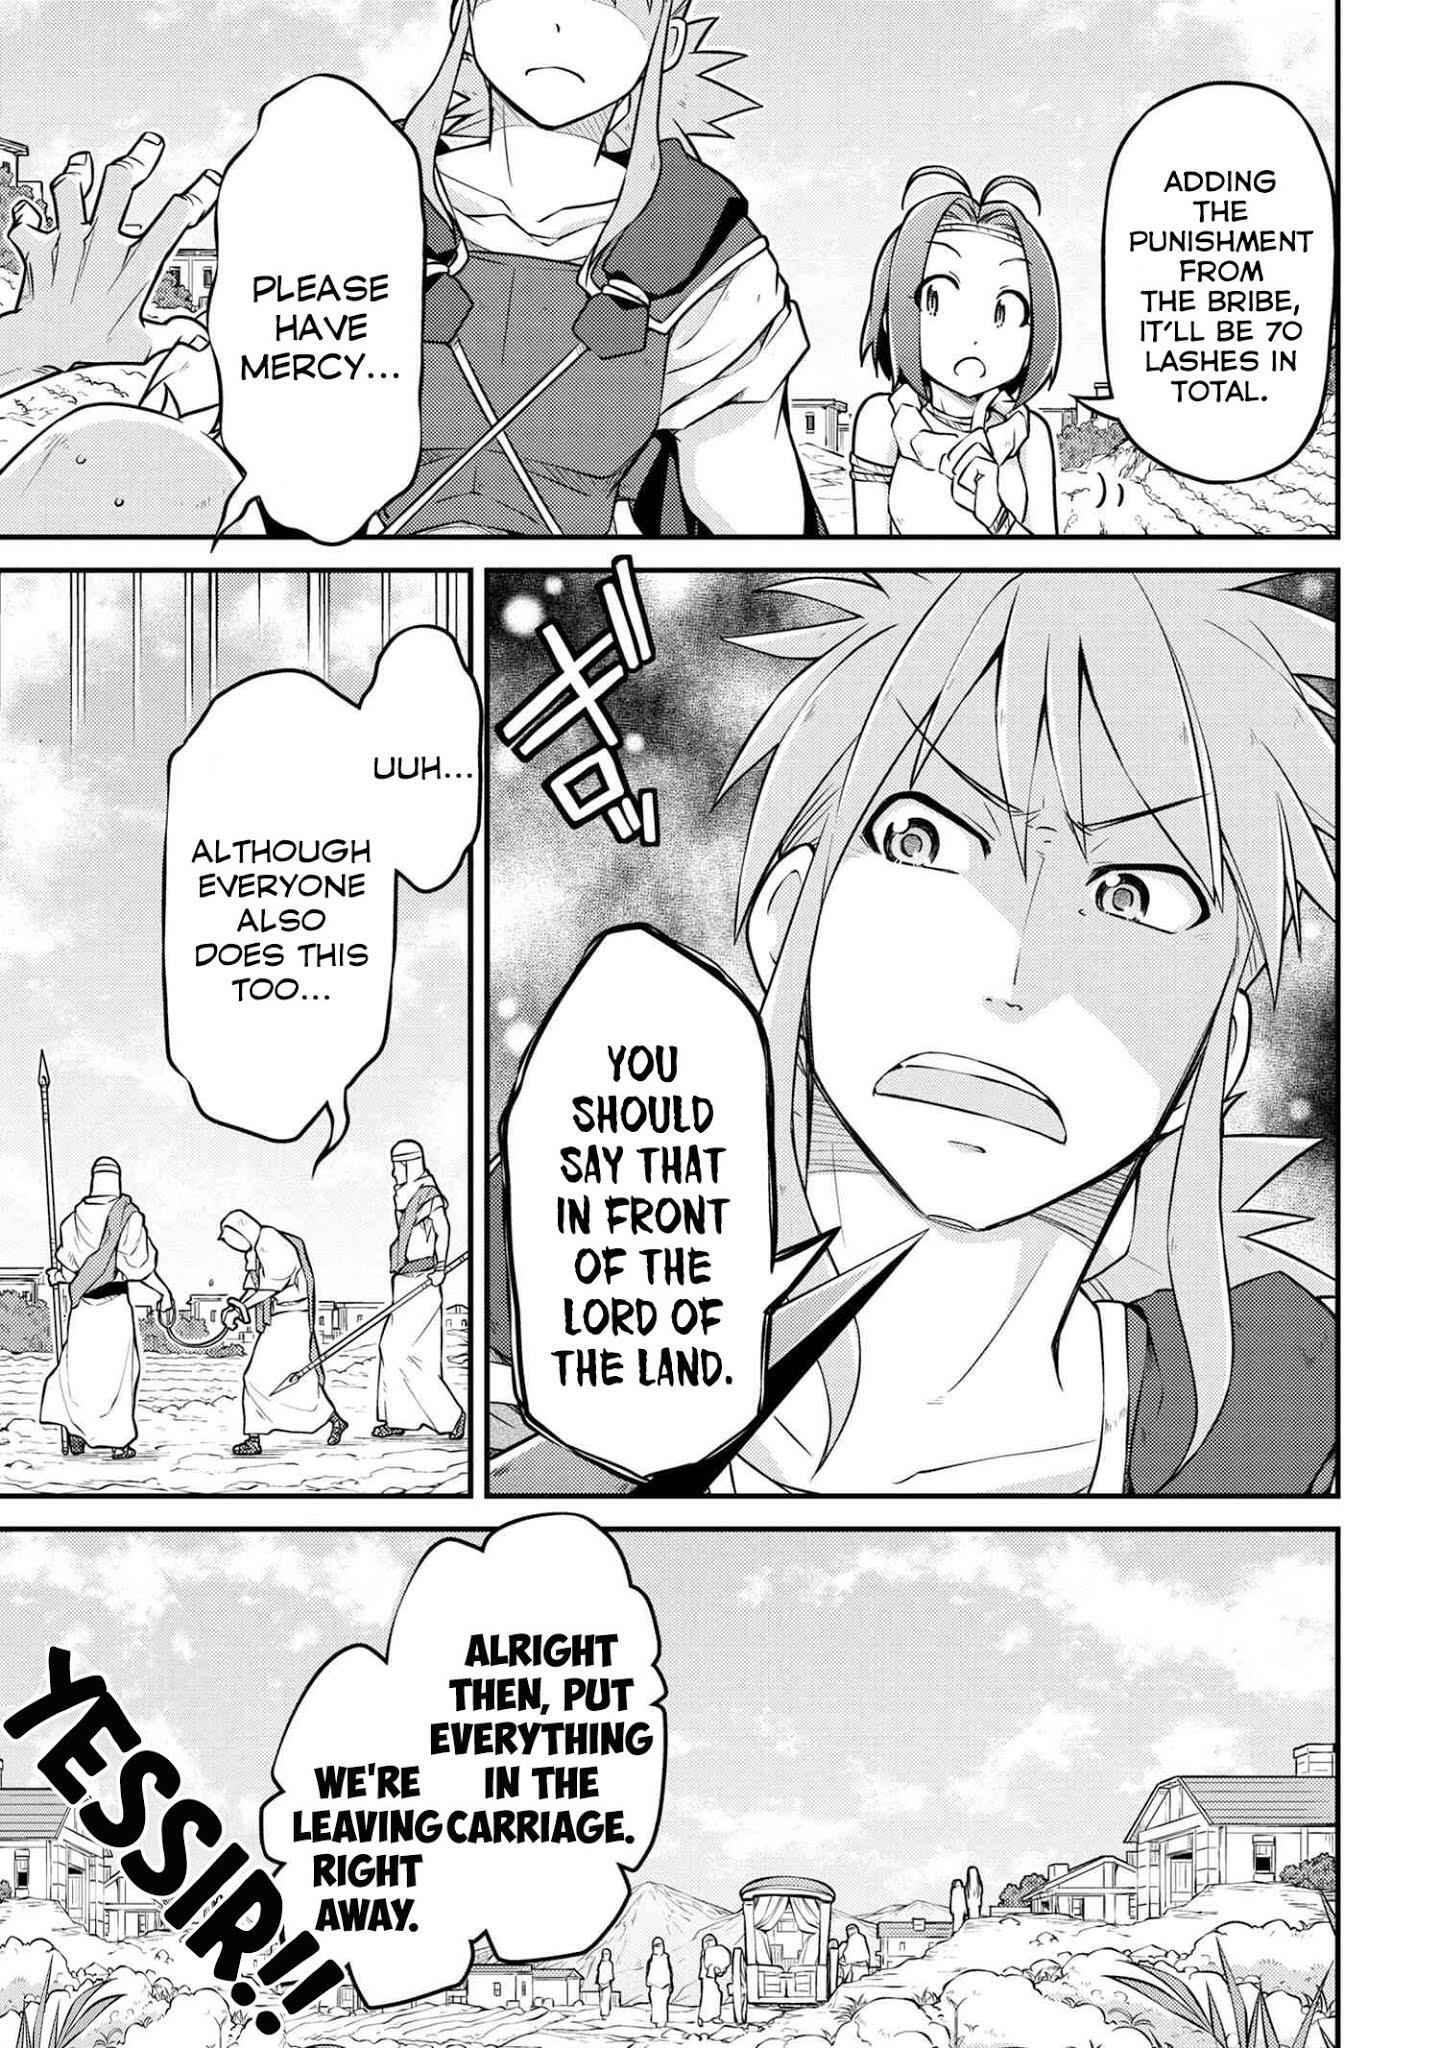 Isekai Kenkokuki - chapter 33.1-eng-li